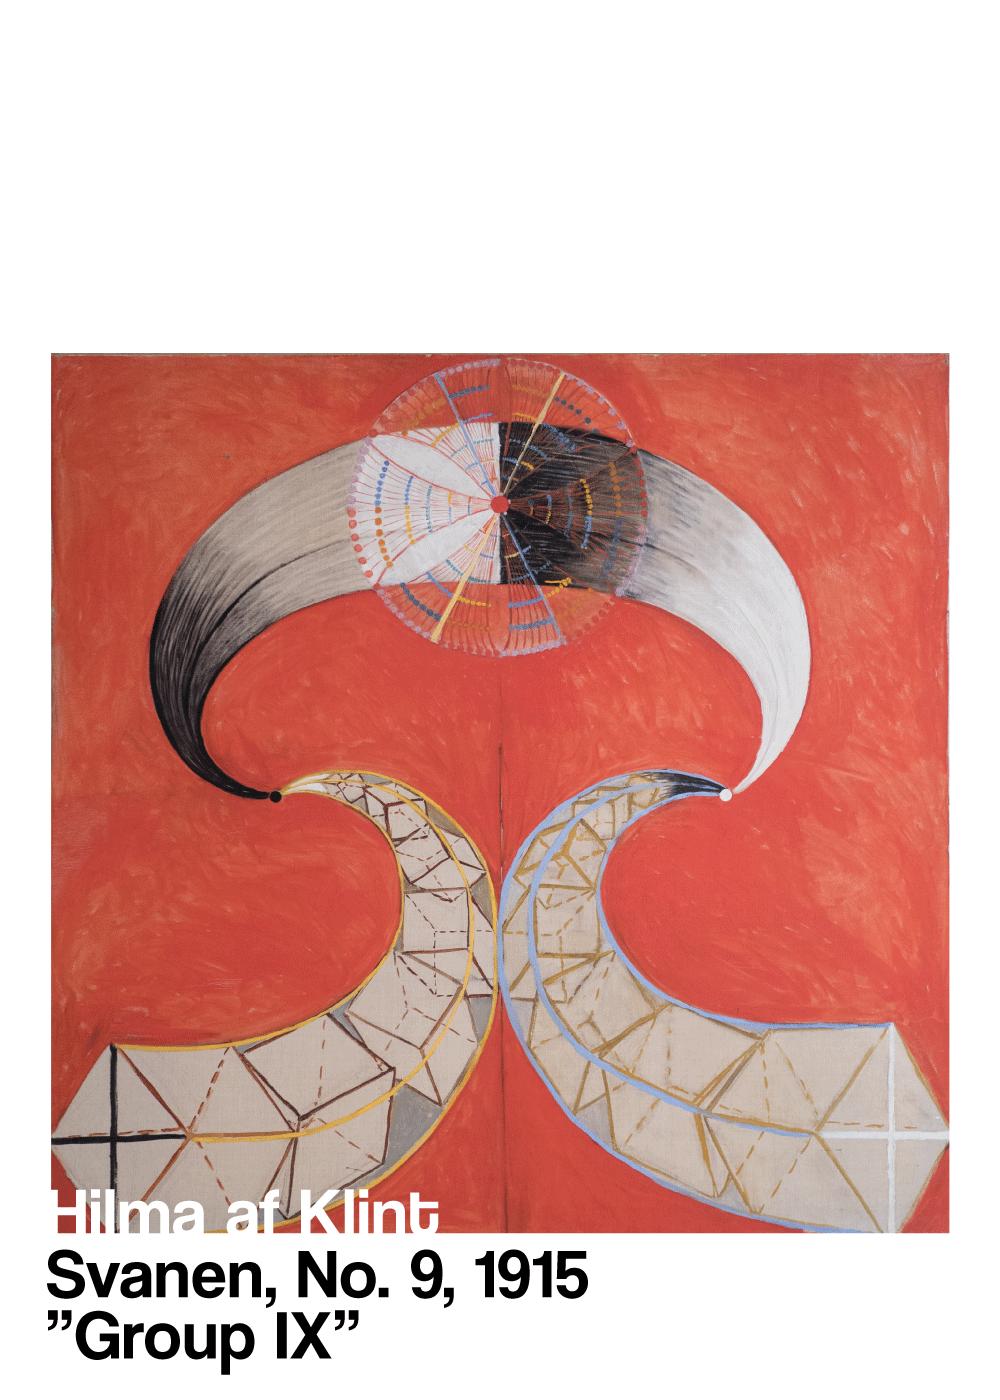 Billede af Svanen No. 9 - Hilma af Klint kunstplakat